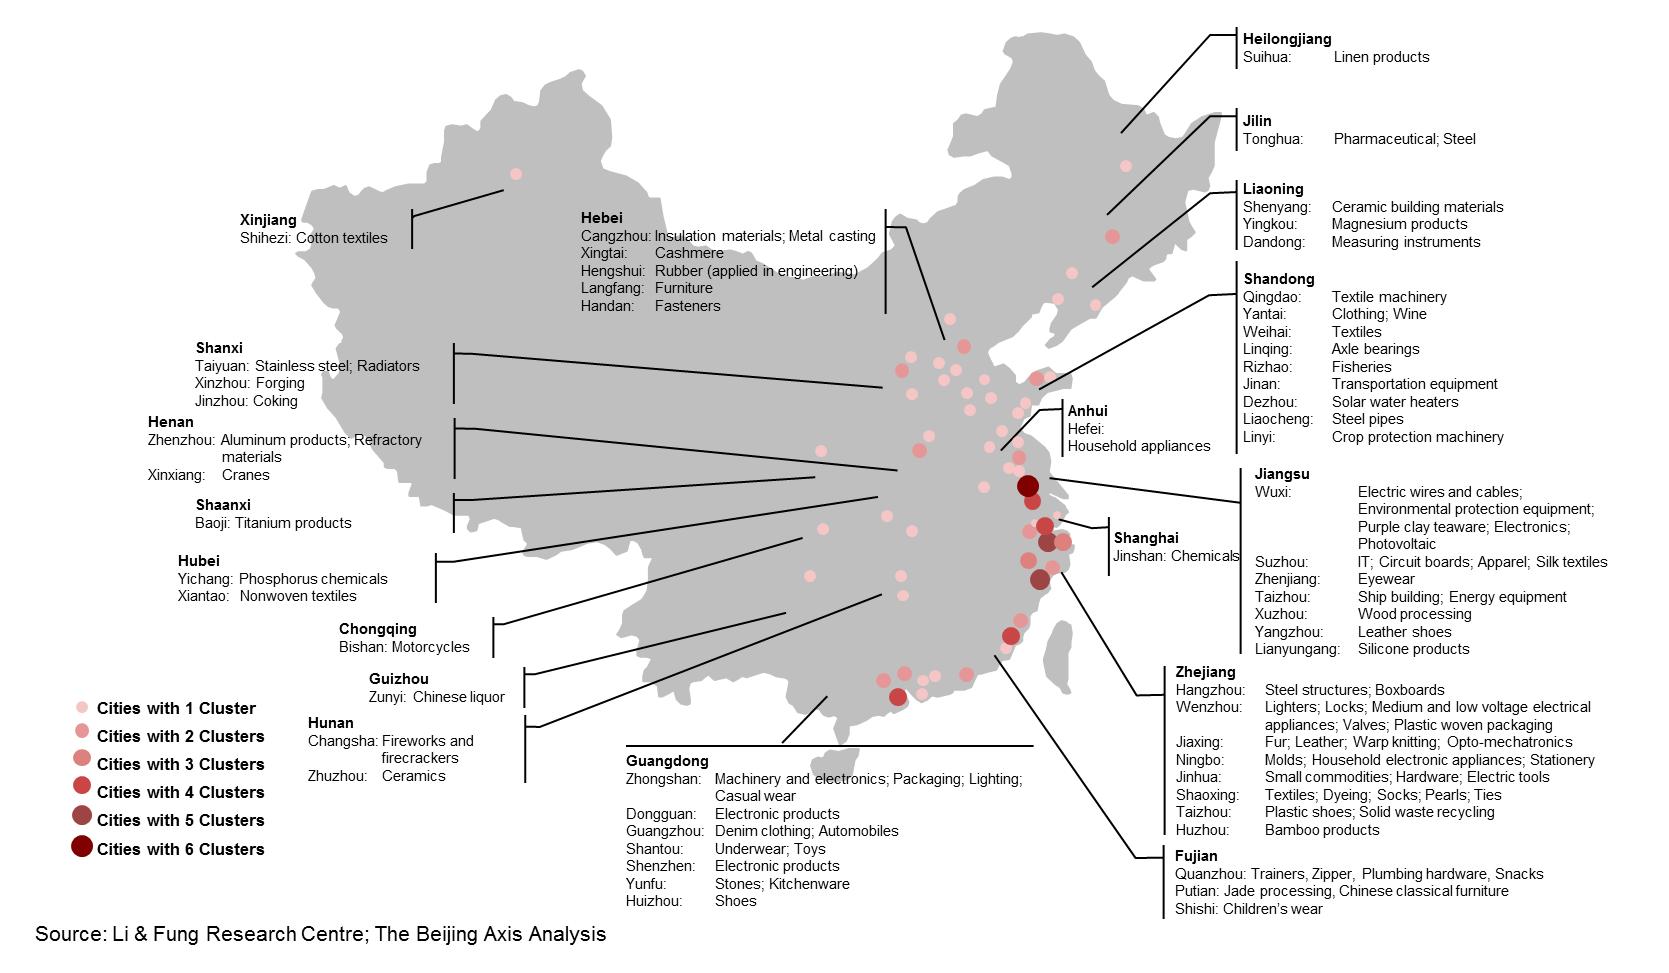 Только в Китае насчитывается более 100 крупных бизнес-кластеров